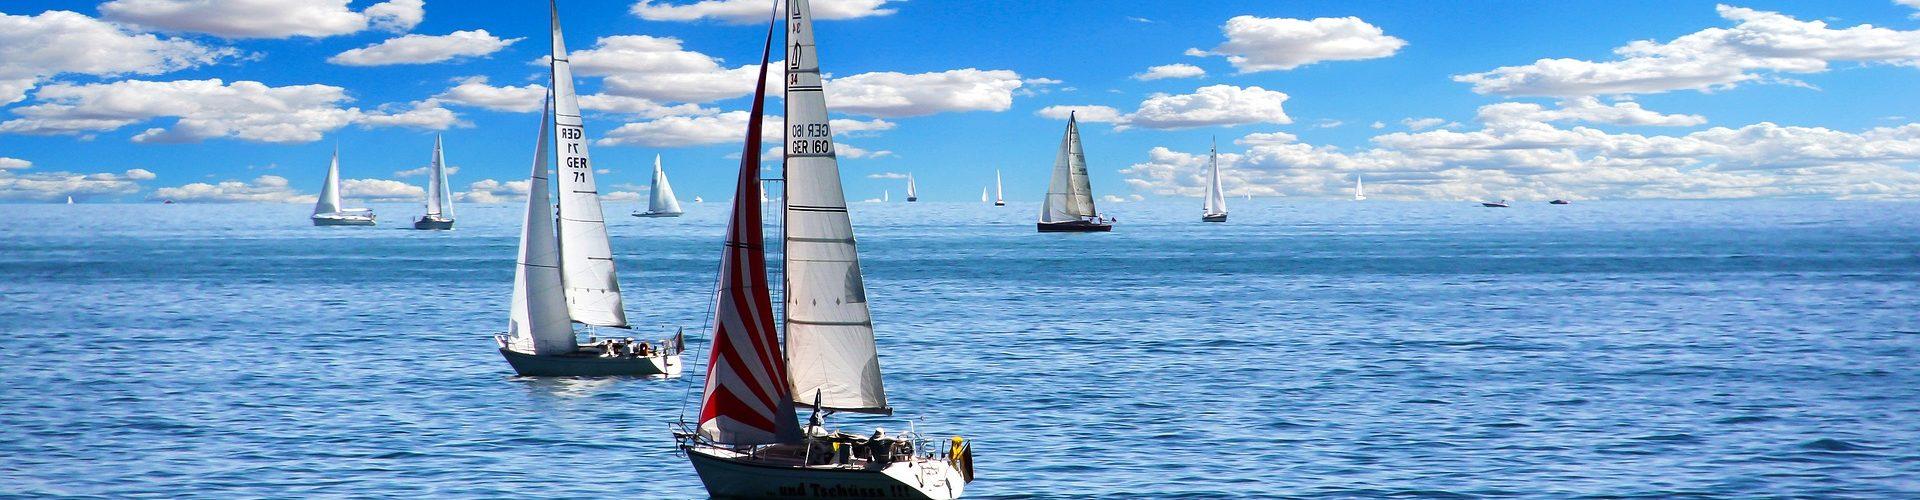 segeln lernen in Netphen segelschein machen in Netphen 1920x500 - Segeln lernen in Netphen